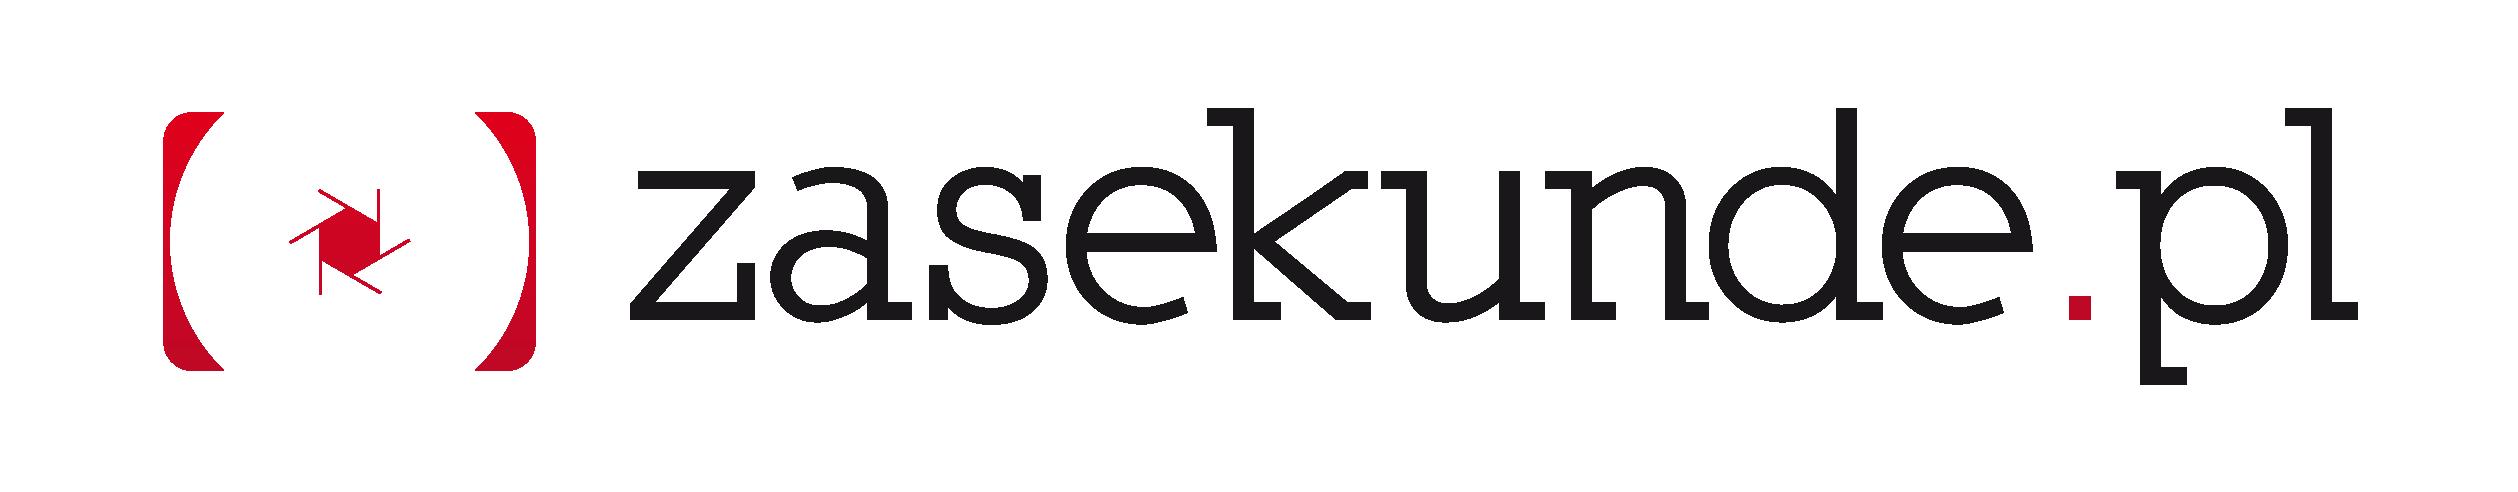 logo podstawowe zasekunde.pl